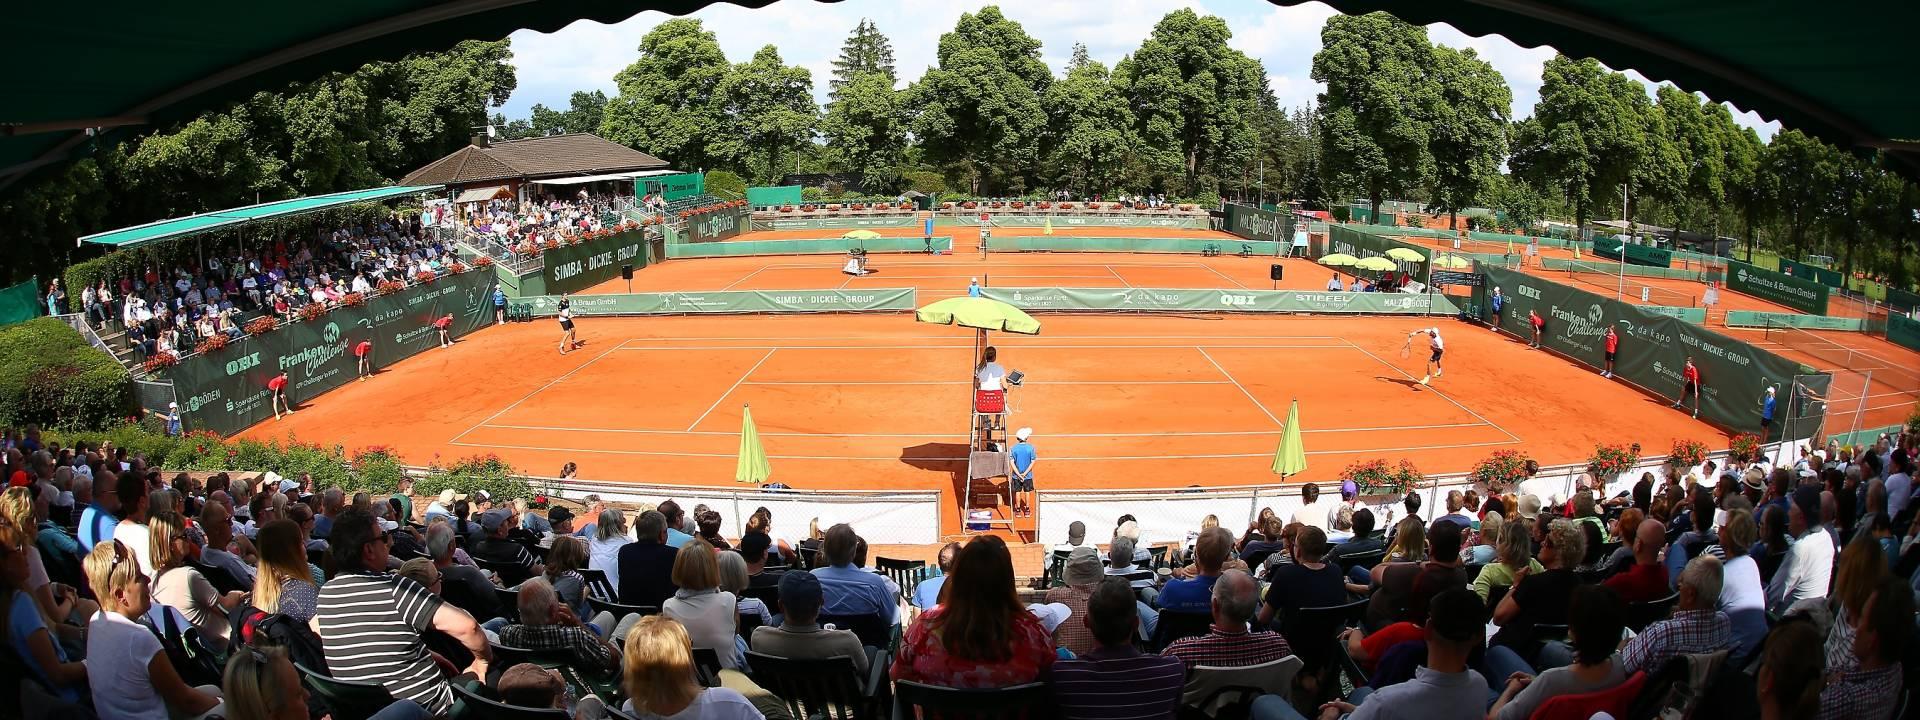 05.06.2016 --- Tennis --- ATP Challenger Tour - Franken Challenge - Tournament Turnier - Männer Herren Finale --- Foto: Sport-/Pressefoto Wolfgang Zink / JüRa ---   Impression